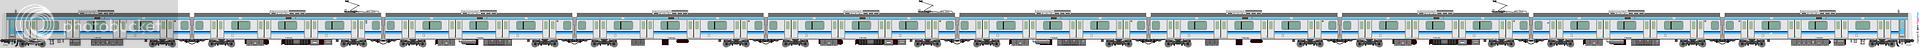 [5520] 東日本旅客鐵道 1920